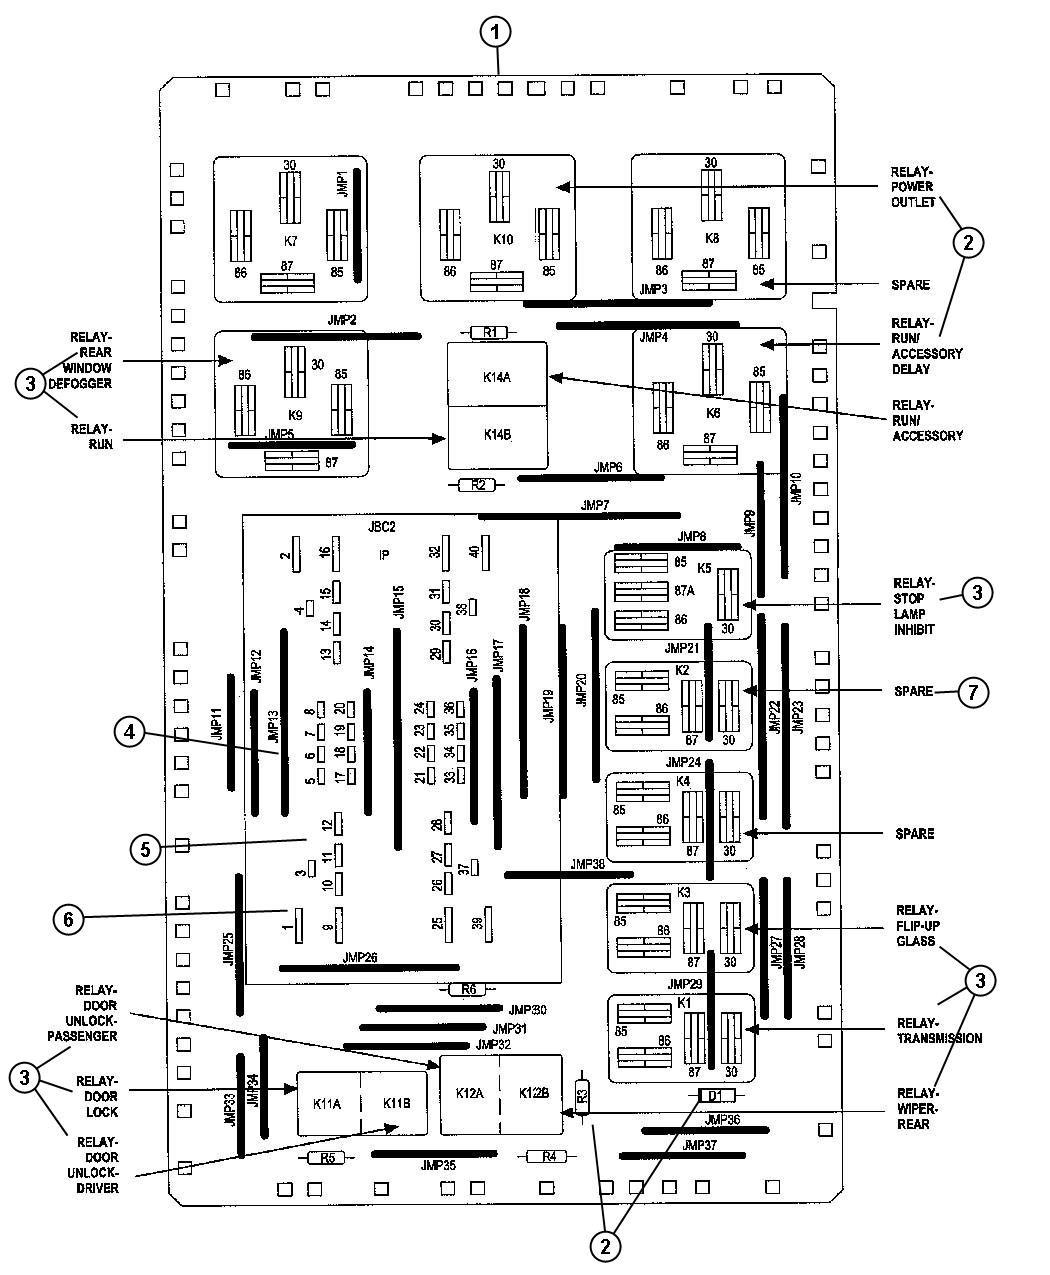 [DIAGRAM_1CA]  SX_1661] Alpine Ute54Bt Wiring Diagram Amplifier Free Diagram | Alpine Ute54bt Wiring Diagram Amplifier |  | Onom Vesi Hist Genion Brom Opein Mohammedshrine Librar Wiring 101